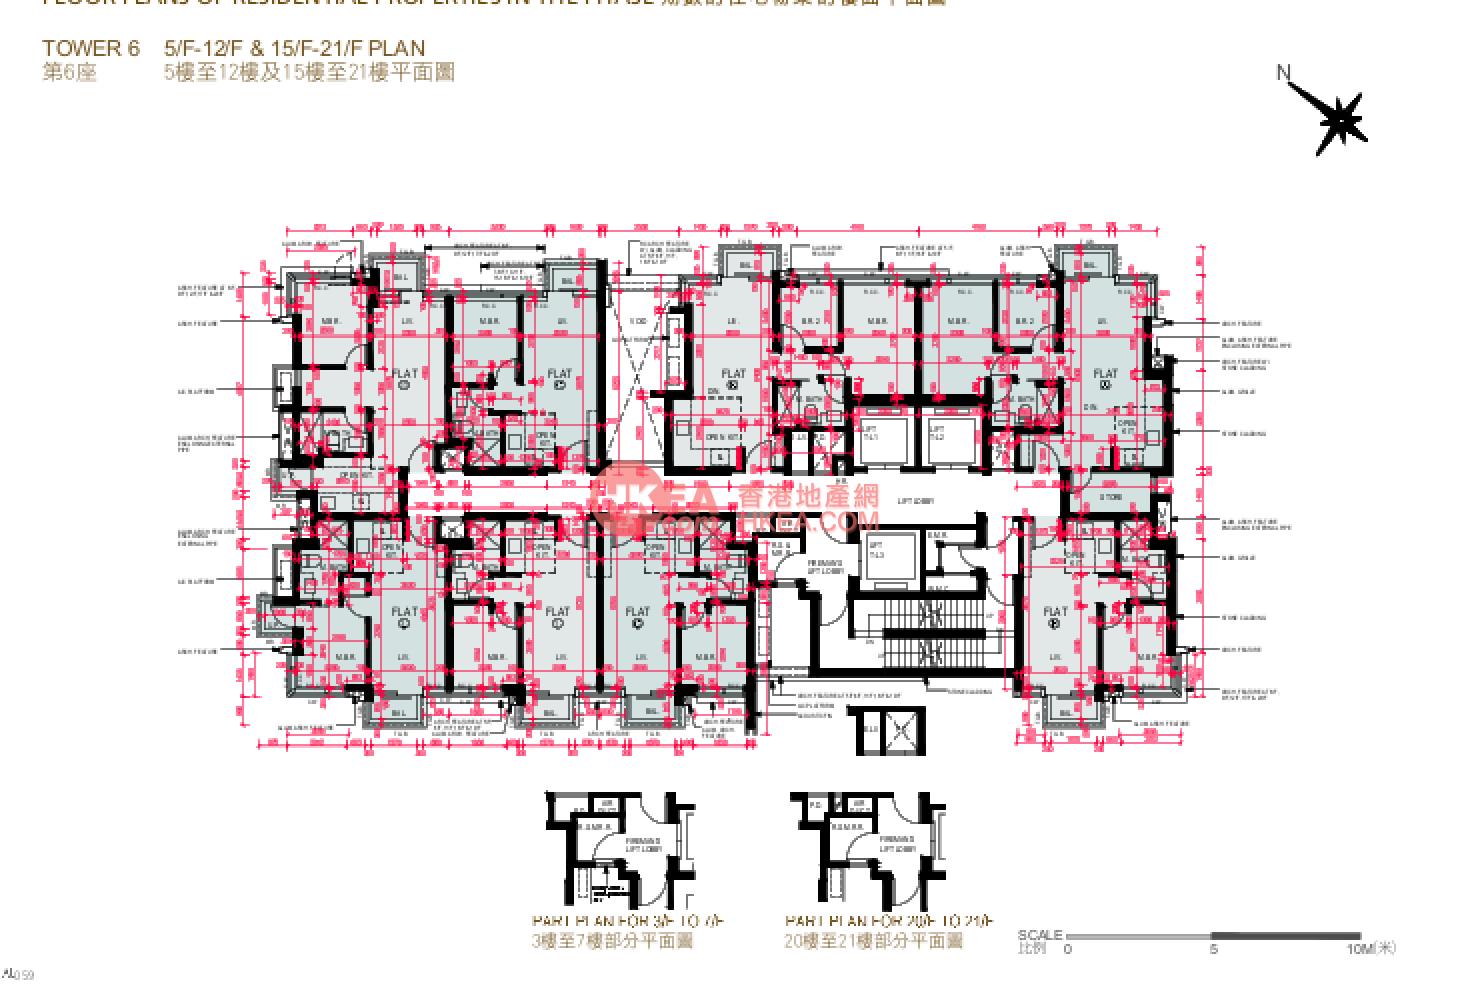 北角 海璇1B06座|05-21(ABCDEFGH)